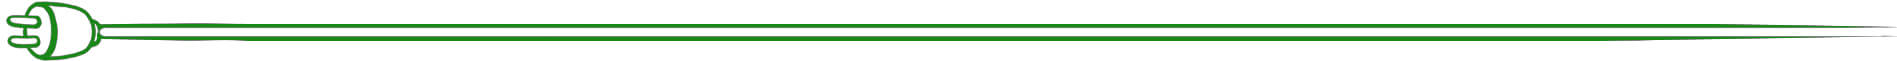 Stromanbieter Vergleich - Kapiteltrenner grünes Stromkabel oben